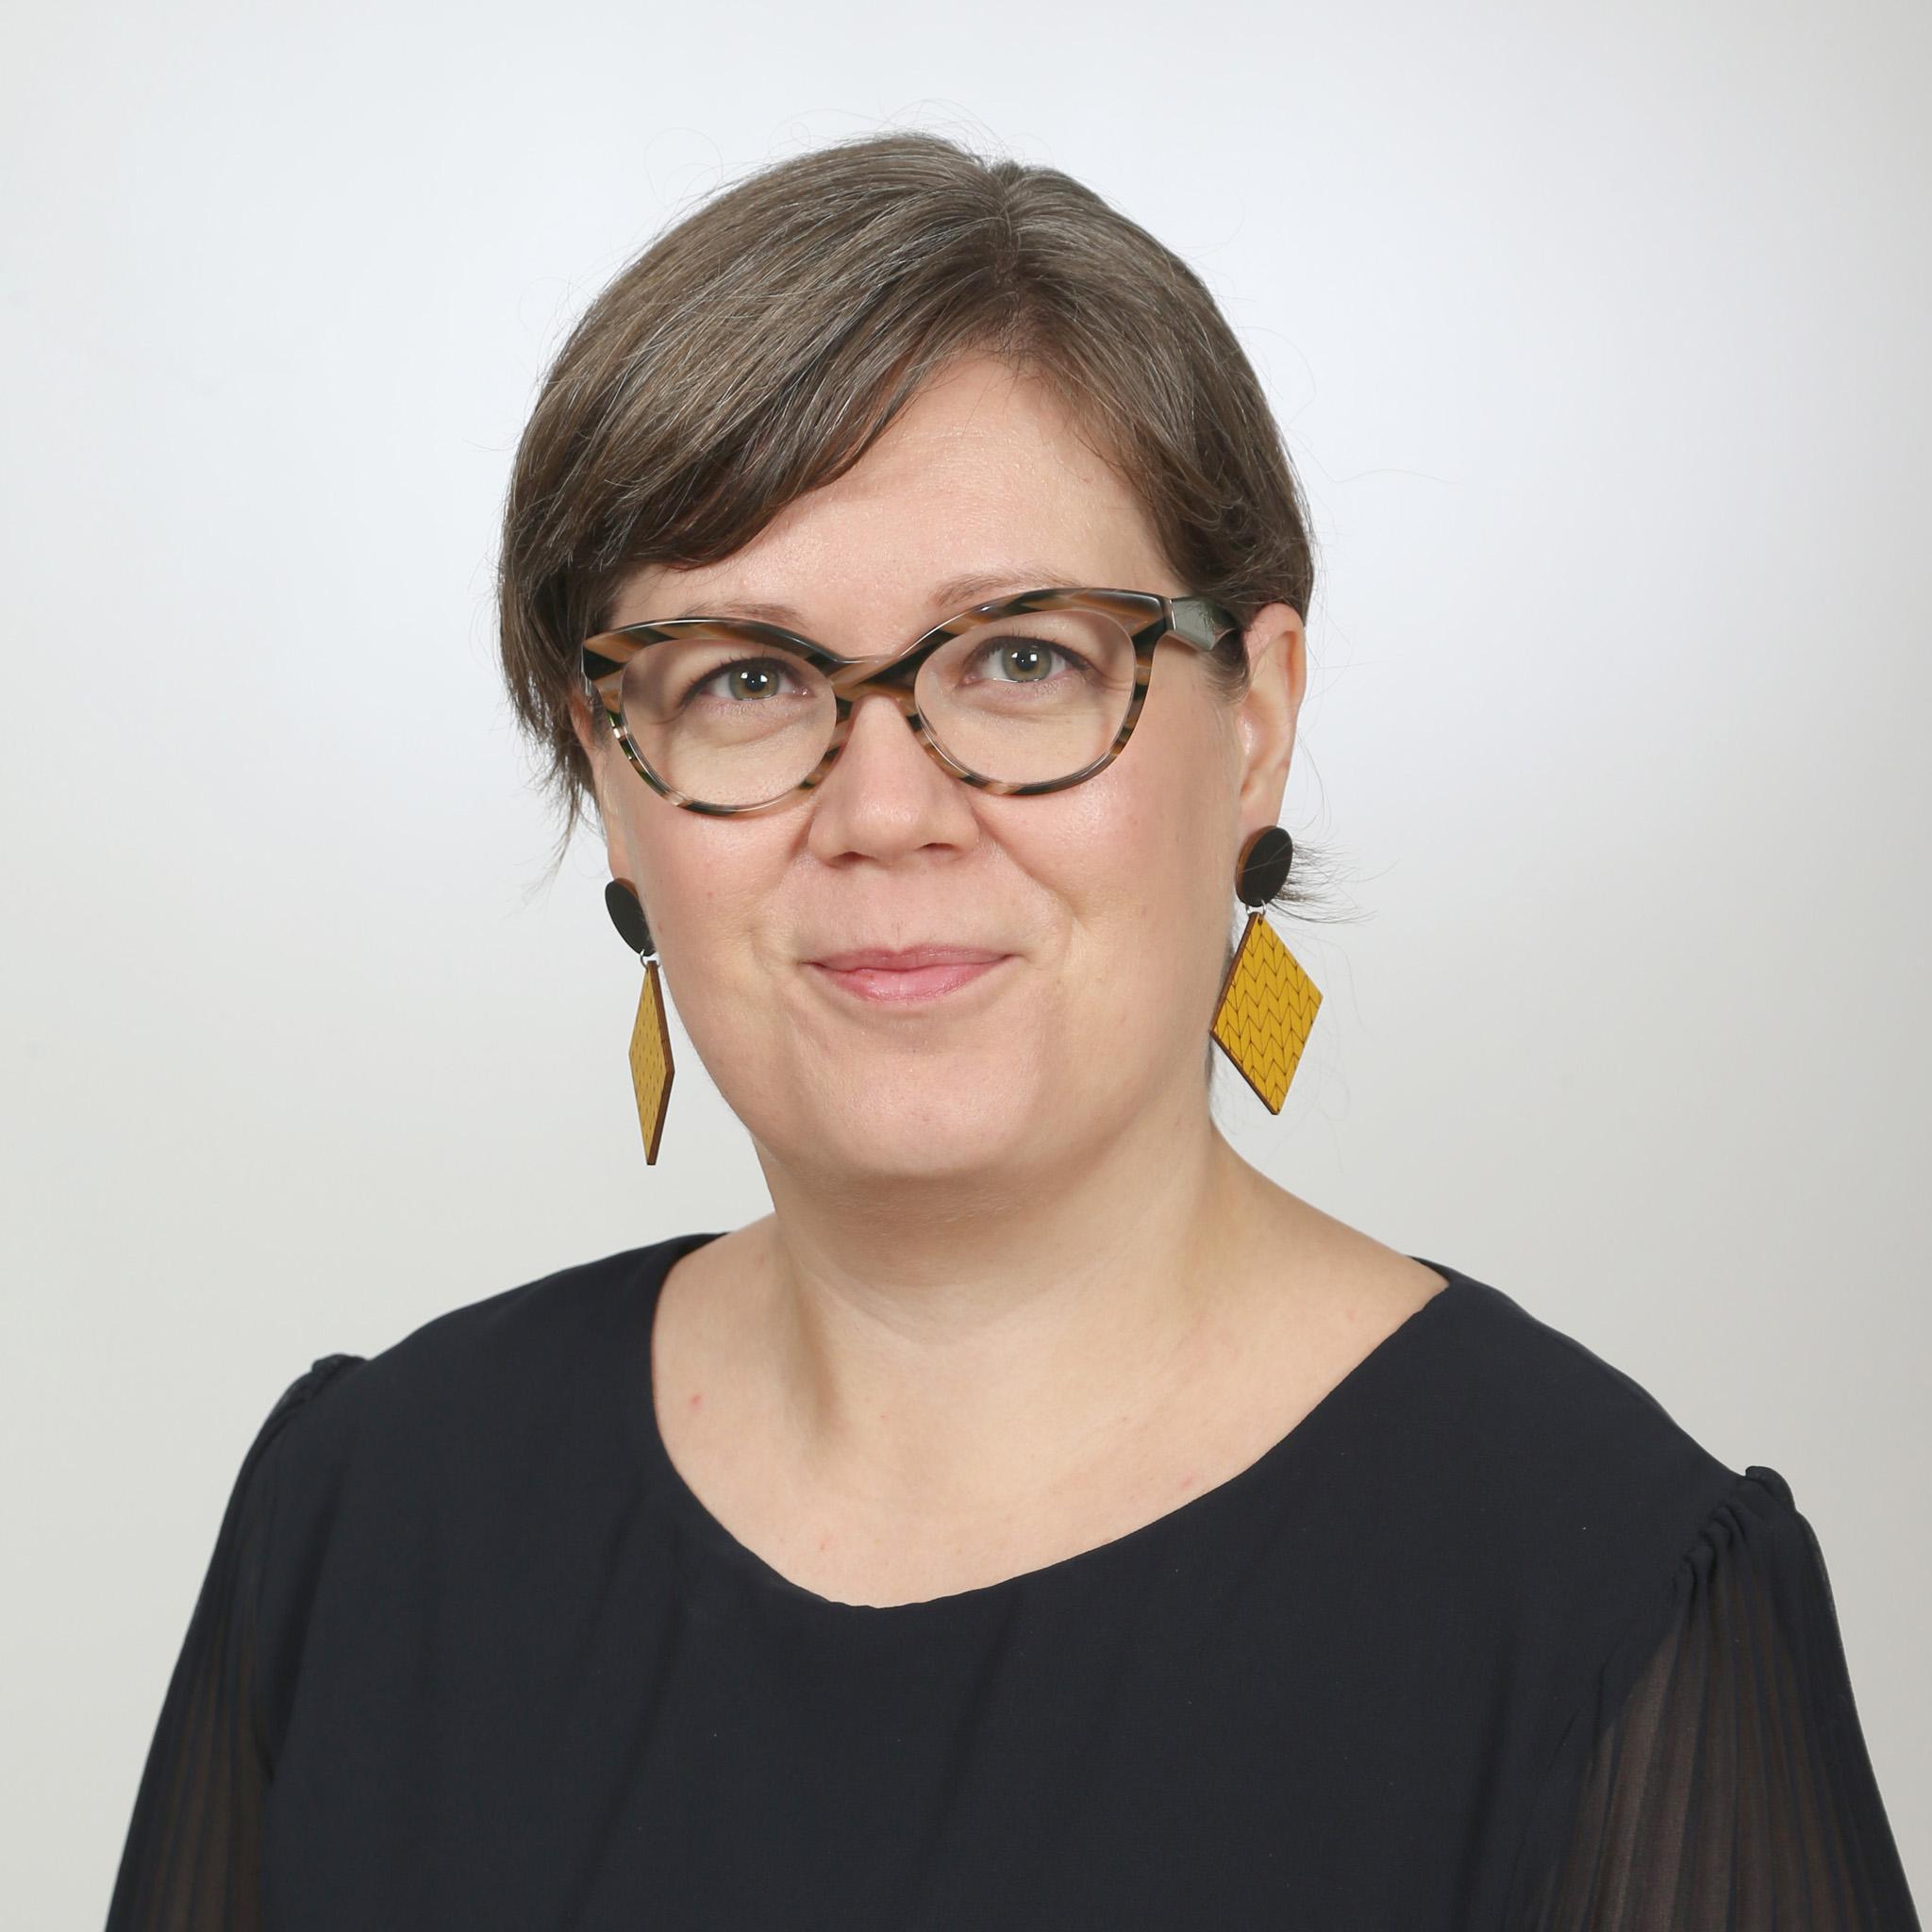 Annika Hovila